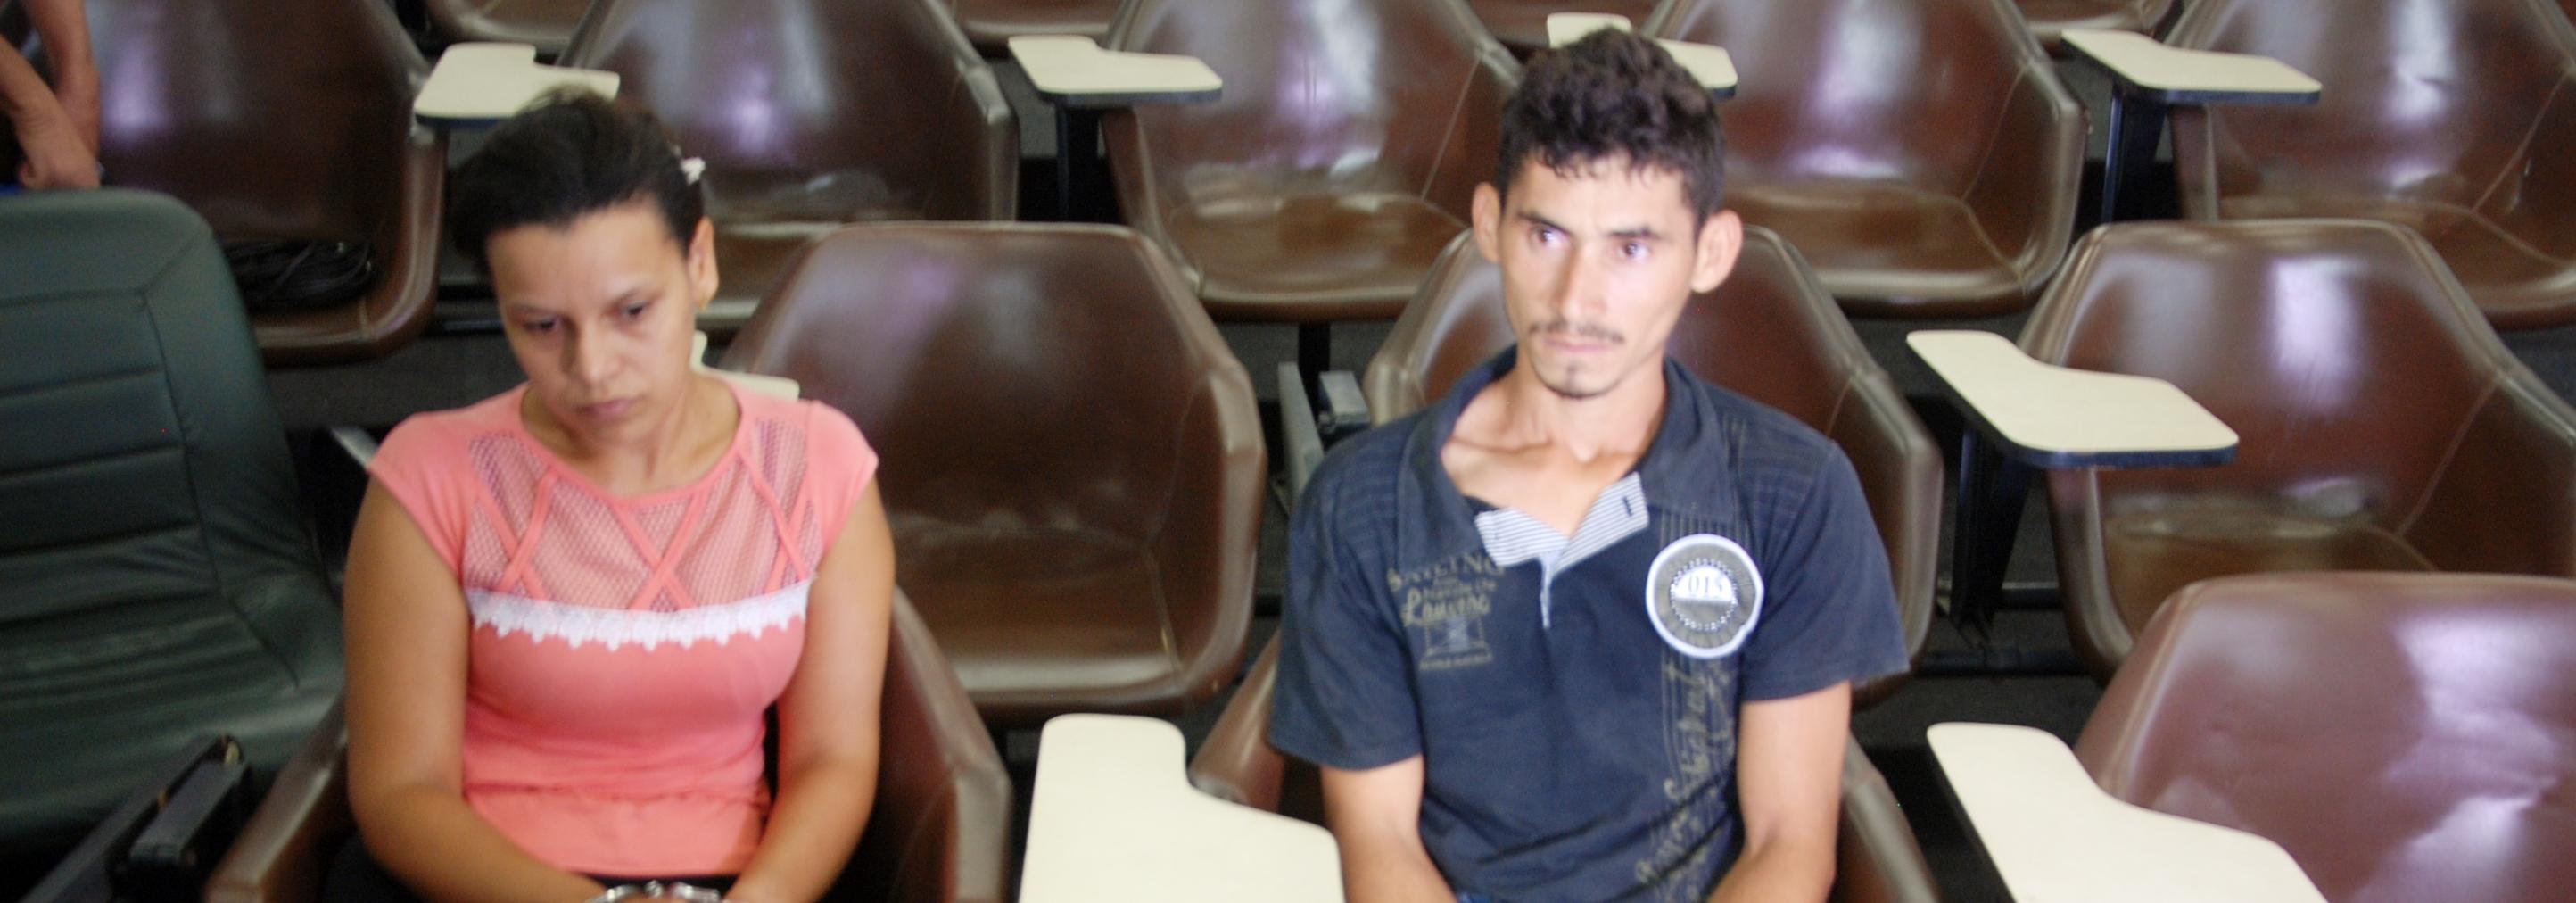 Acusados do homicídio do jornalista João Domingos França Costa são apresentados na Secretaria de Segurança